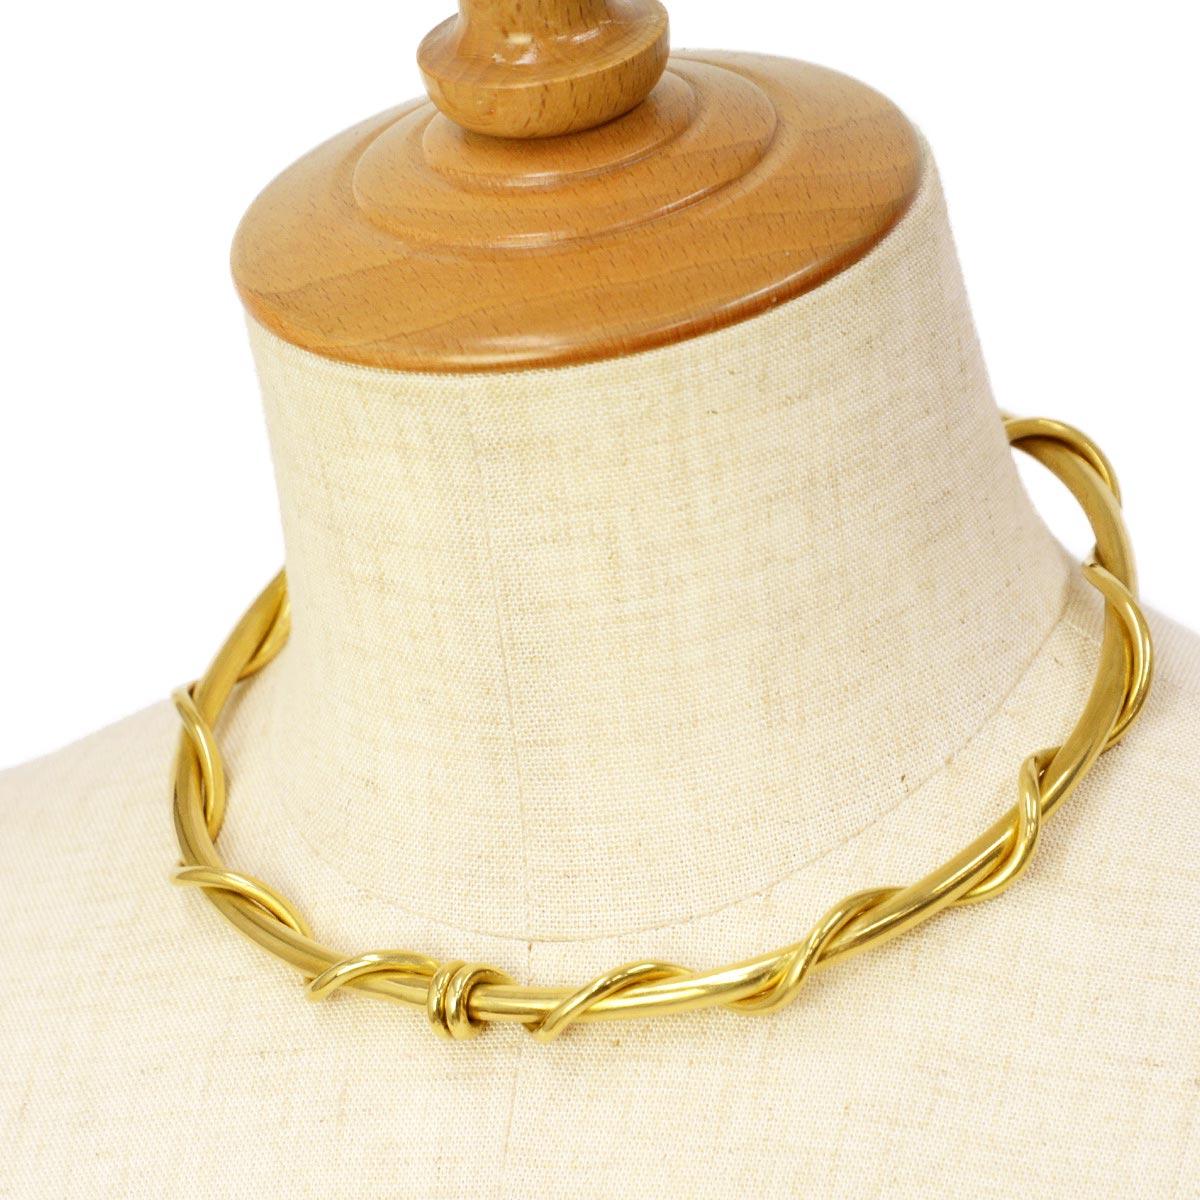 【30%OFF】SOKO【ソコ】ネックレス  KAMBA COLLAR NECKLACE JN1820116 brass ゴールド